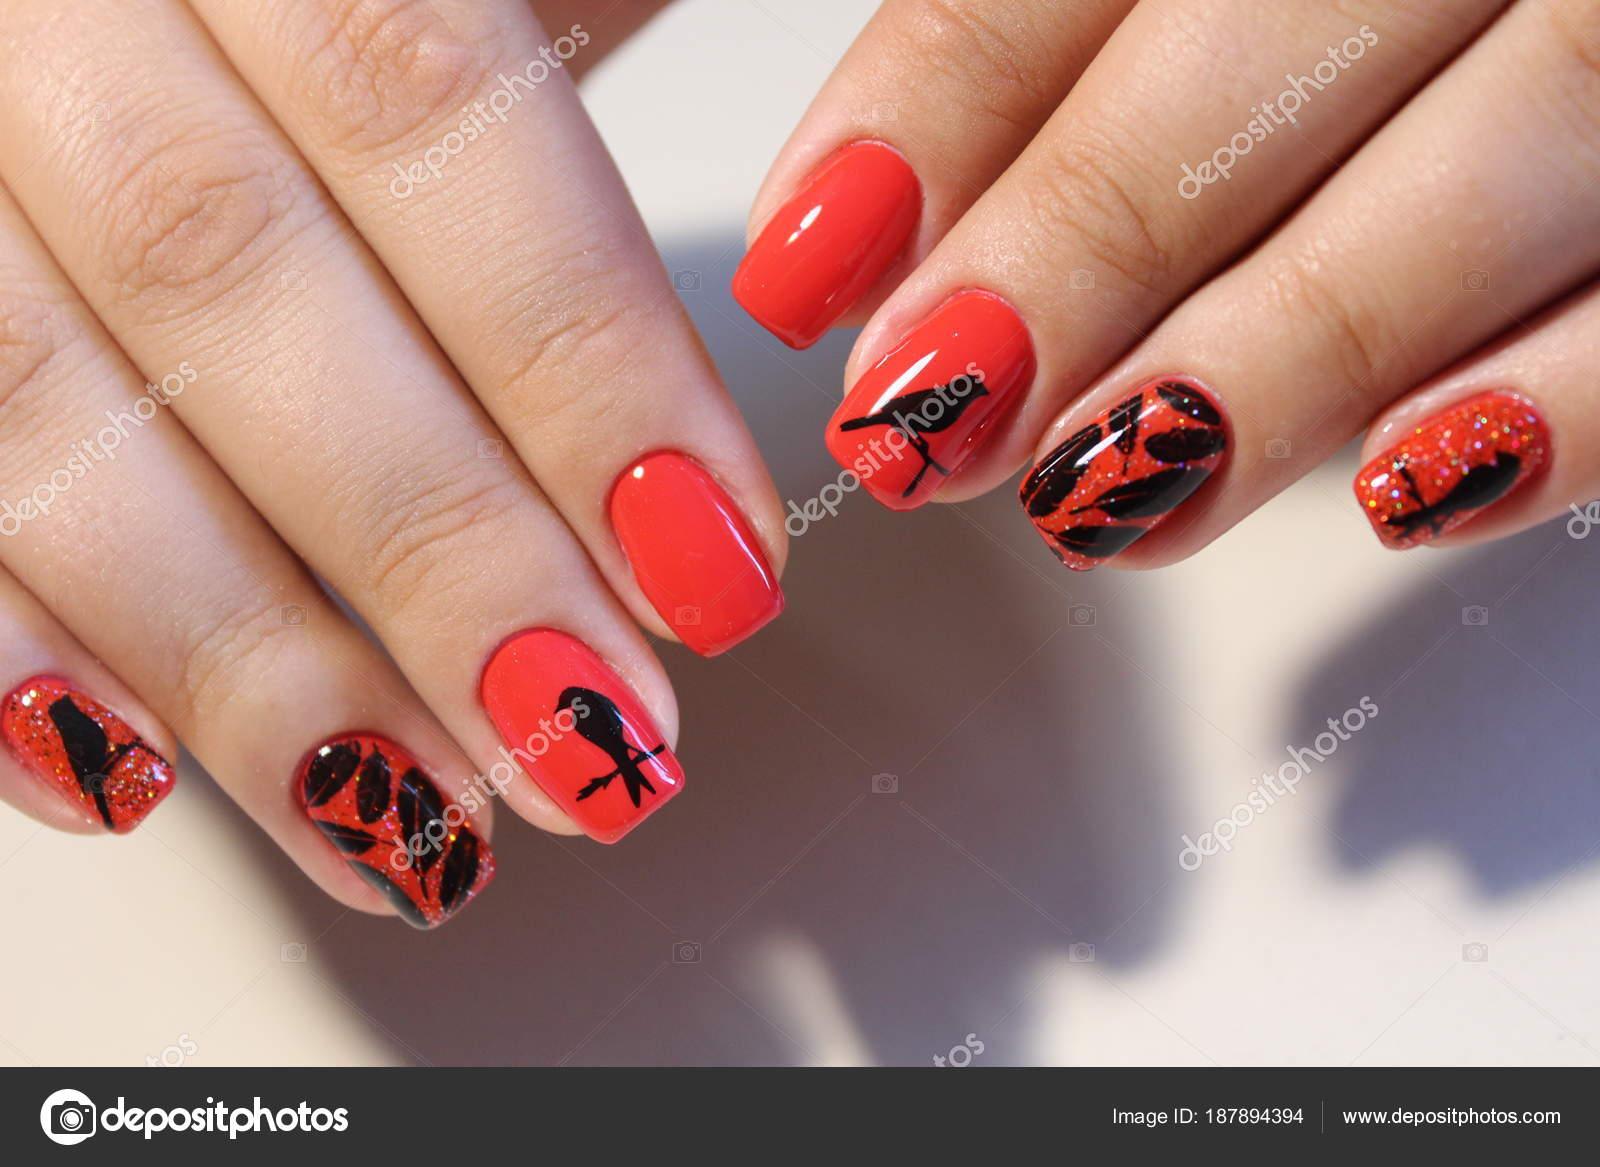 Beeindruckend Nägel Muster Sammlung Von Maniküre Design Rote Nägel Mit — Stockfoto